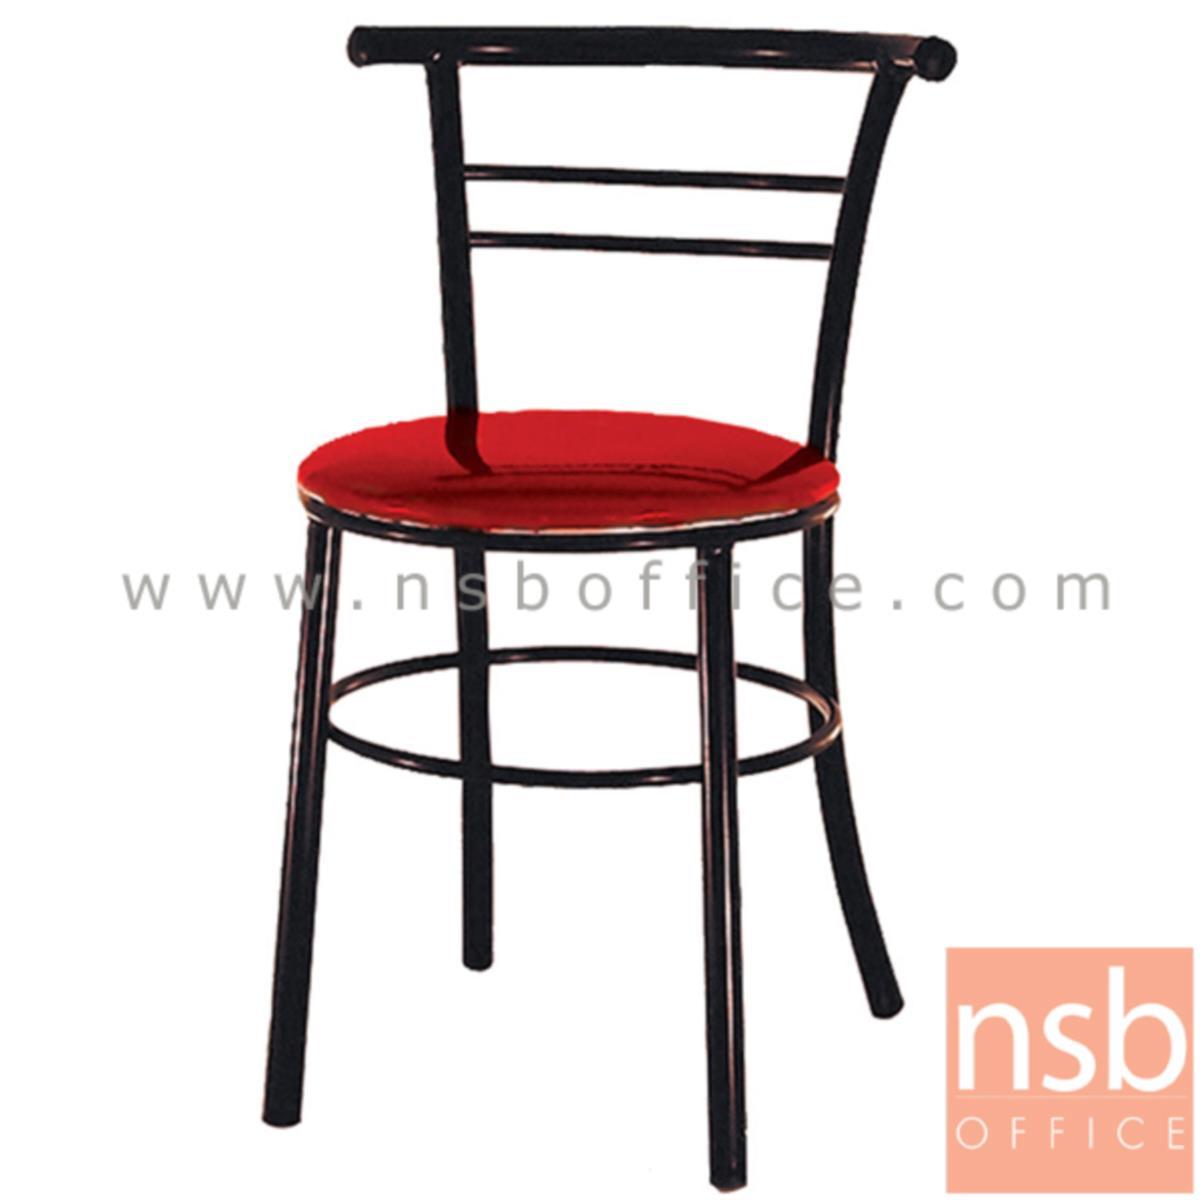 B20A086:เก้าอี้อเนกประสงค์ รุ่น Bertie (เบอตี้)  ขาเหล็กพ่นดำ